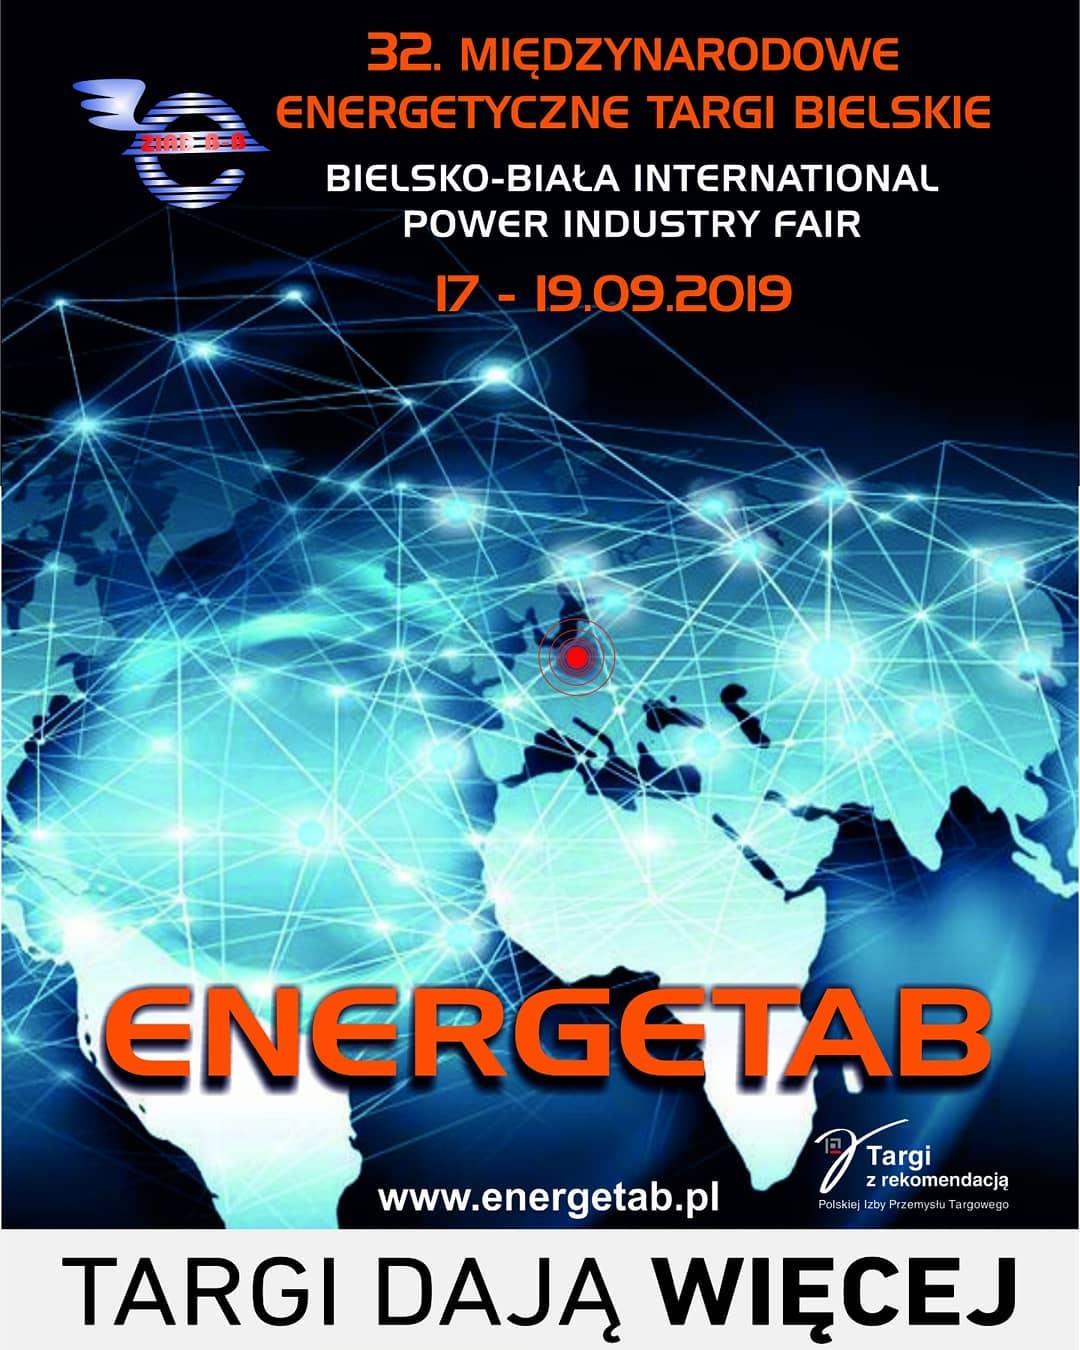 Energatab